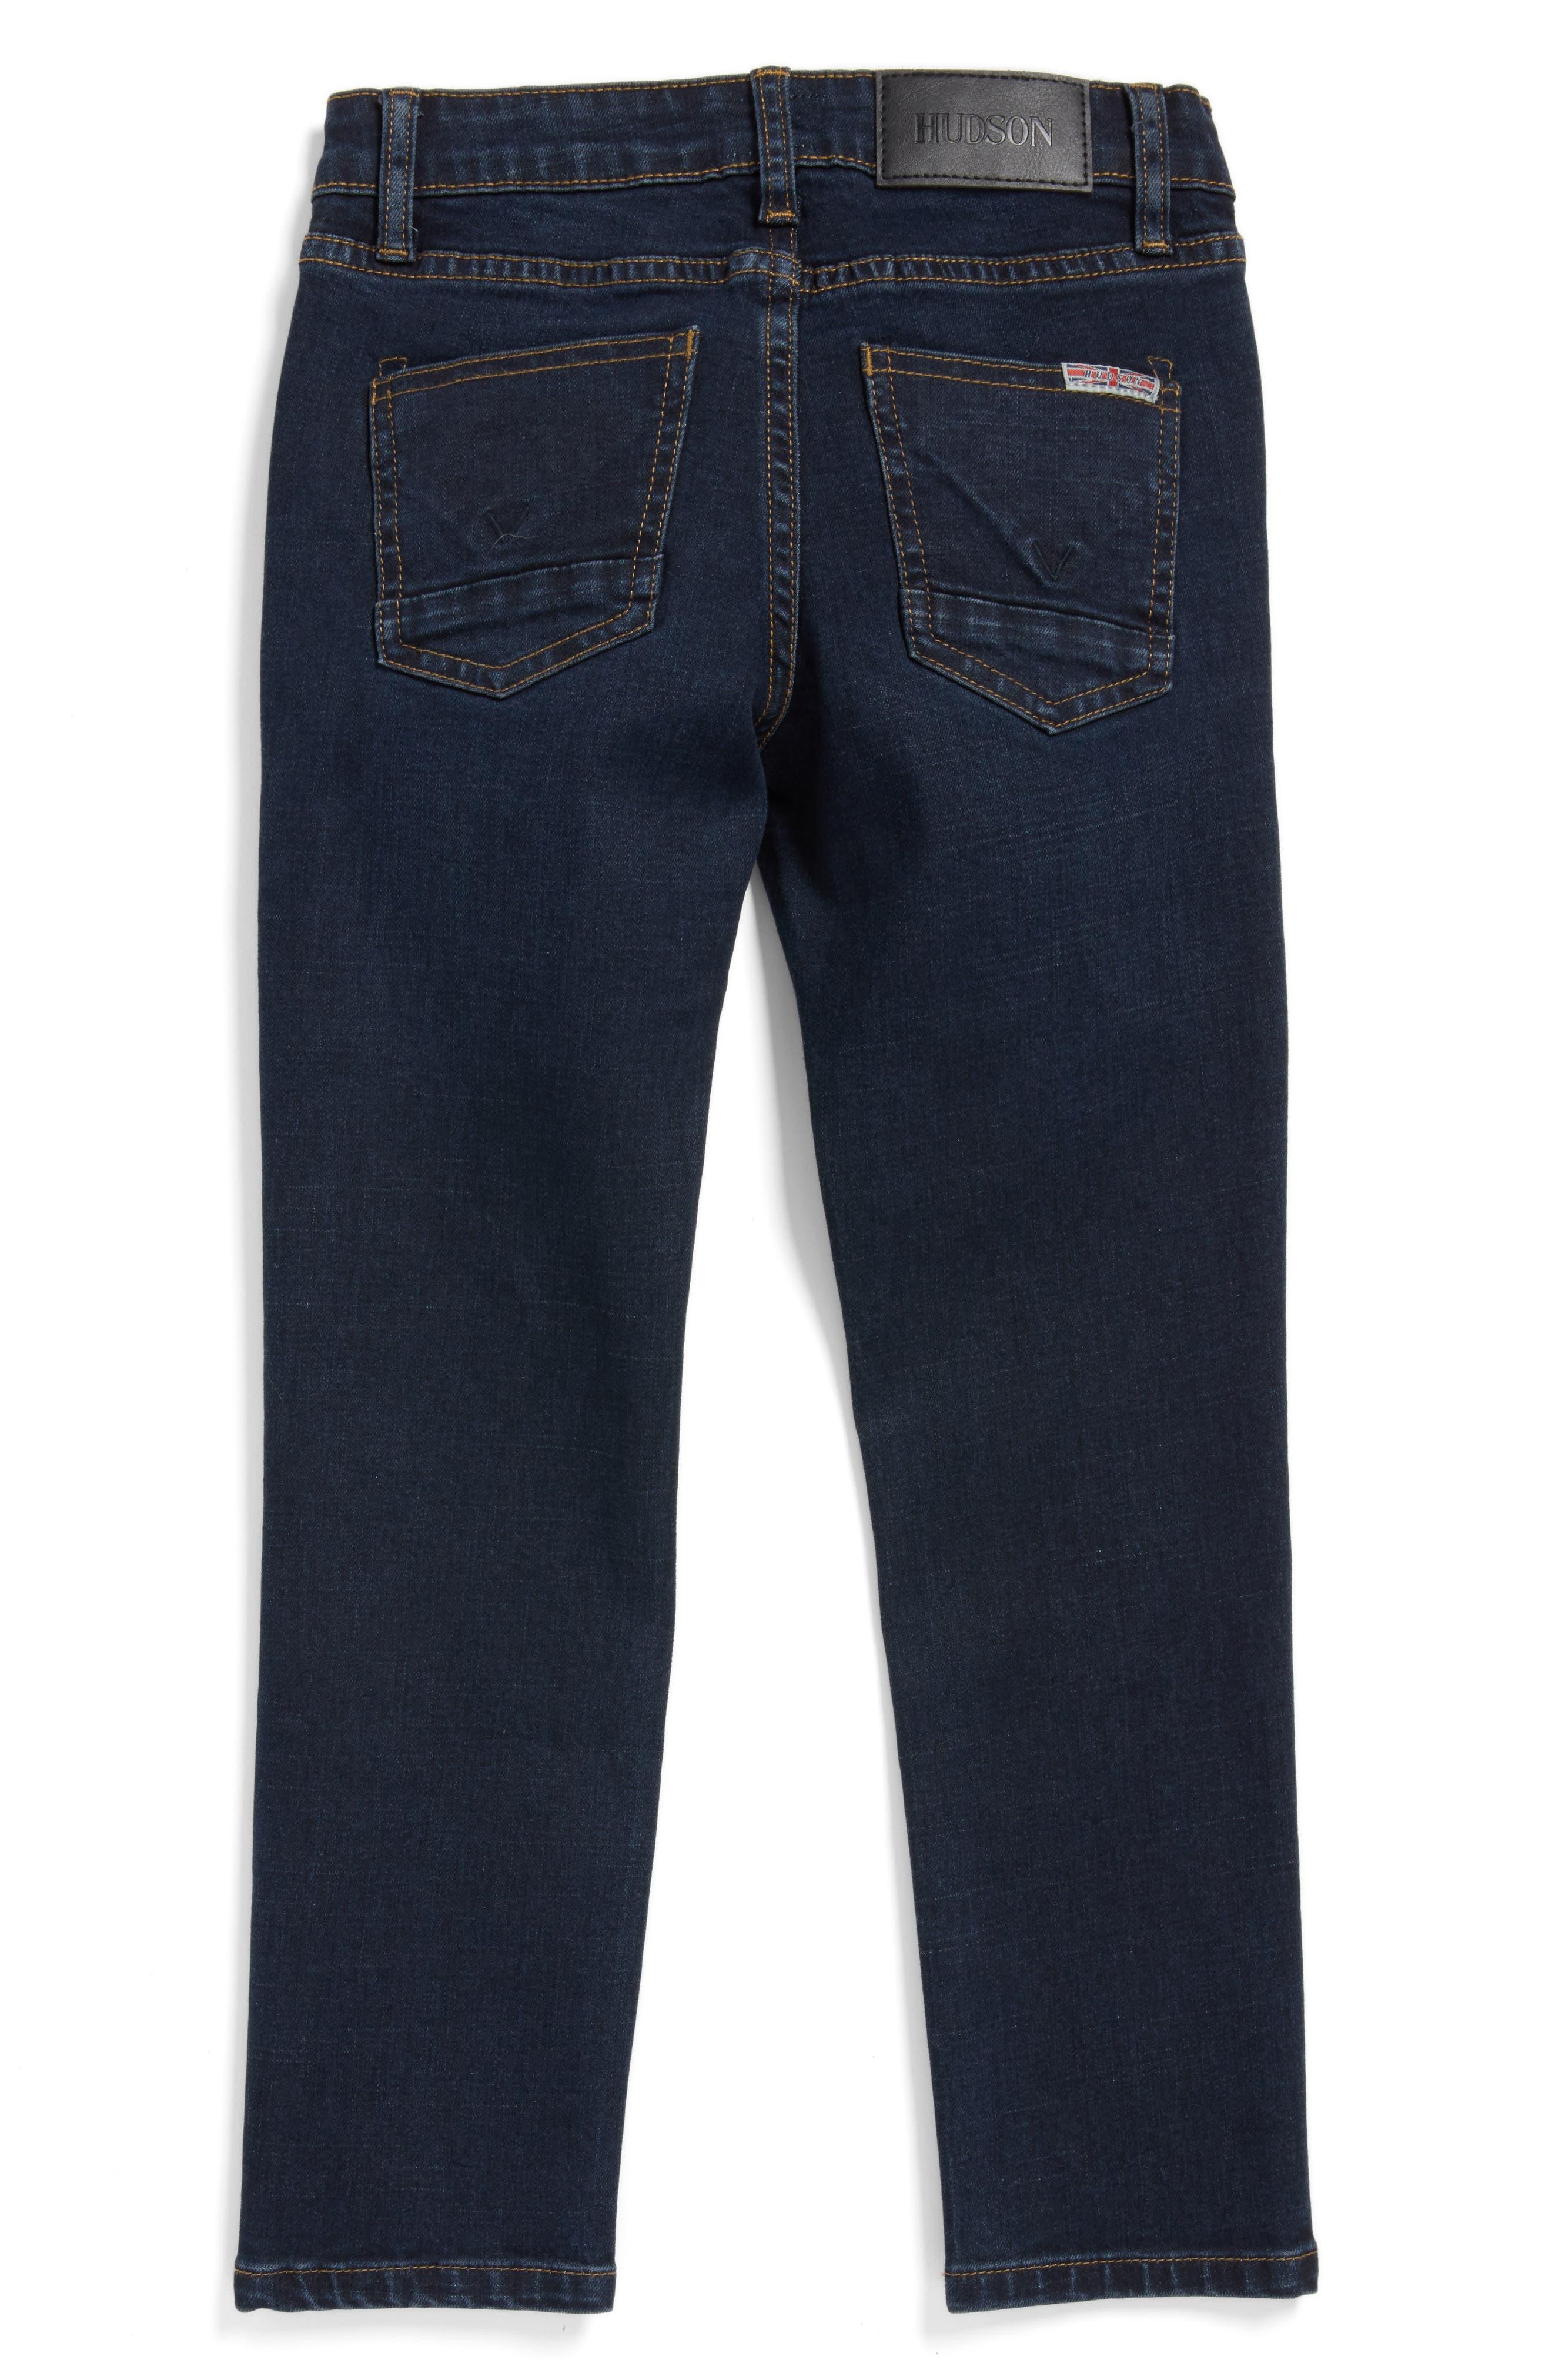 Hudson Jagger Slim Straight Leg Jeans,                             Alternate thumbnail 2, color,                             403